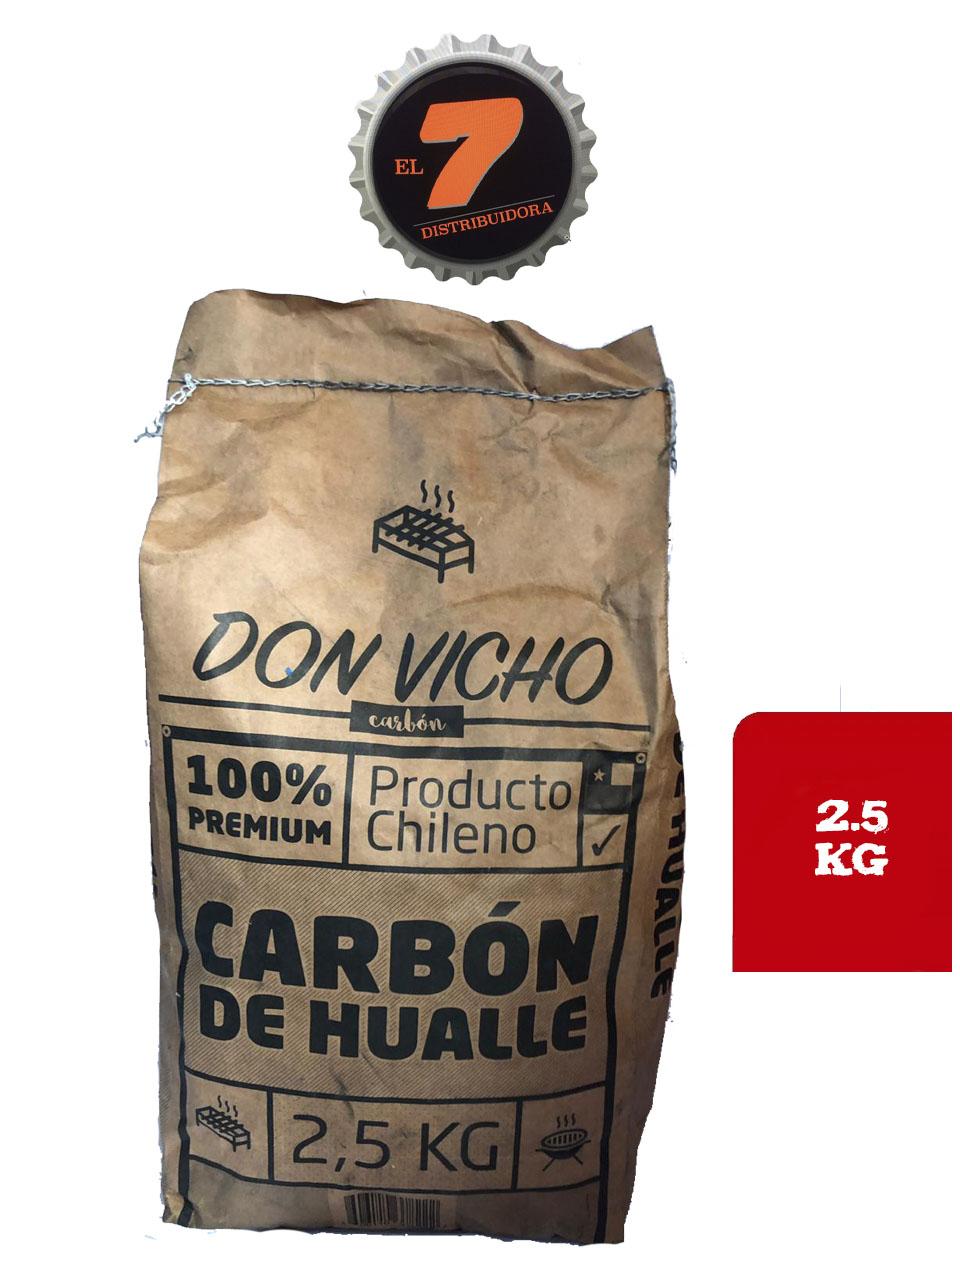 Carbon de Hualle 2.5 Kg